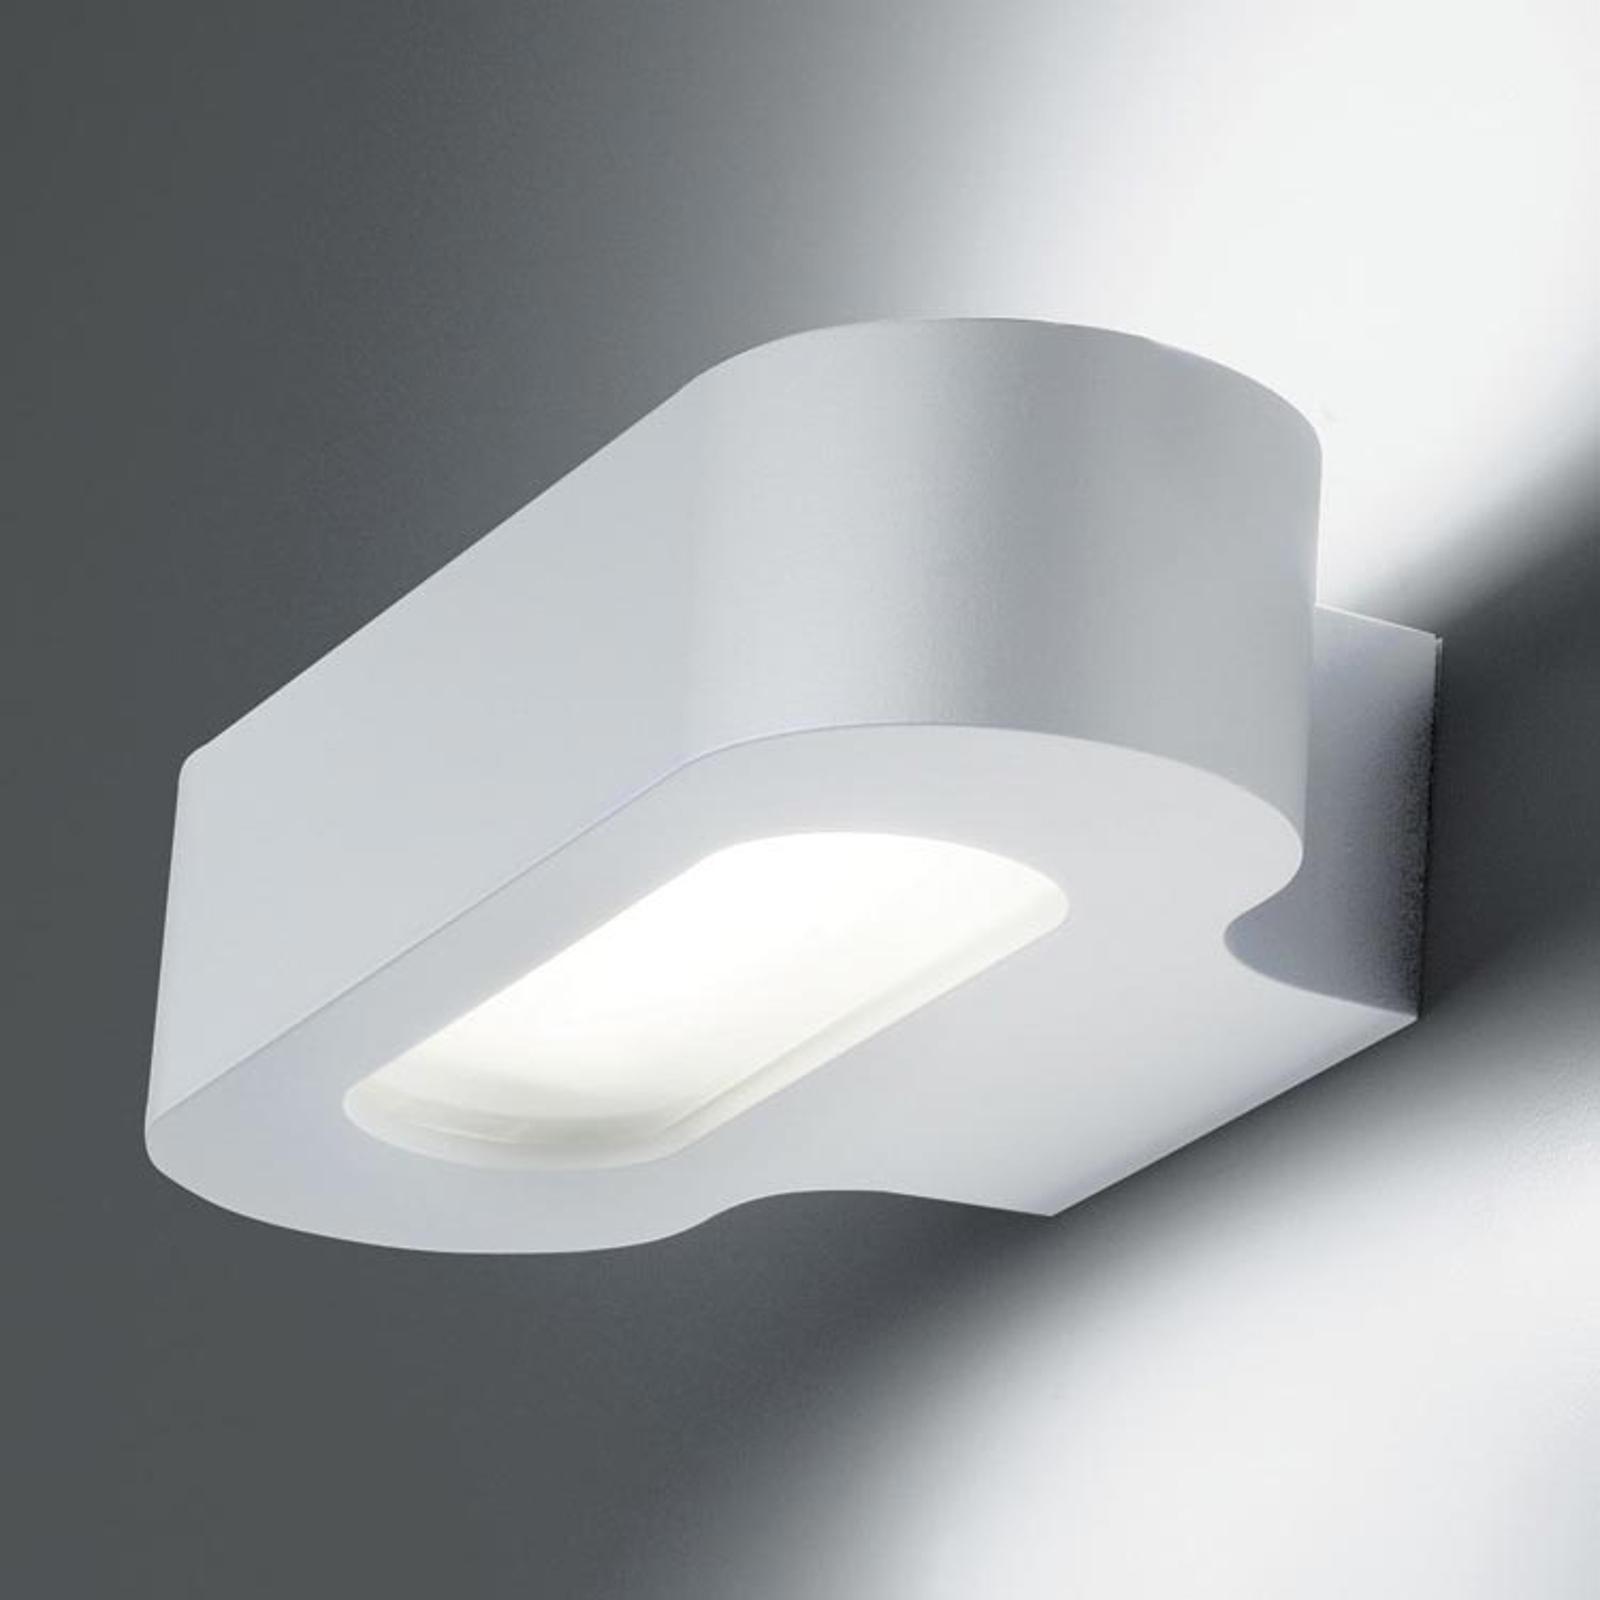 Artemide Talo applique LED 21 cm blanche 2700 K